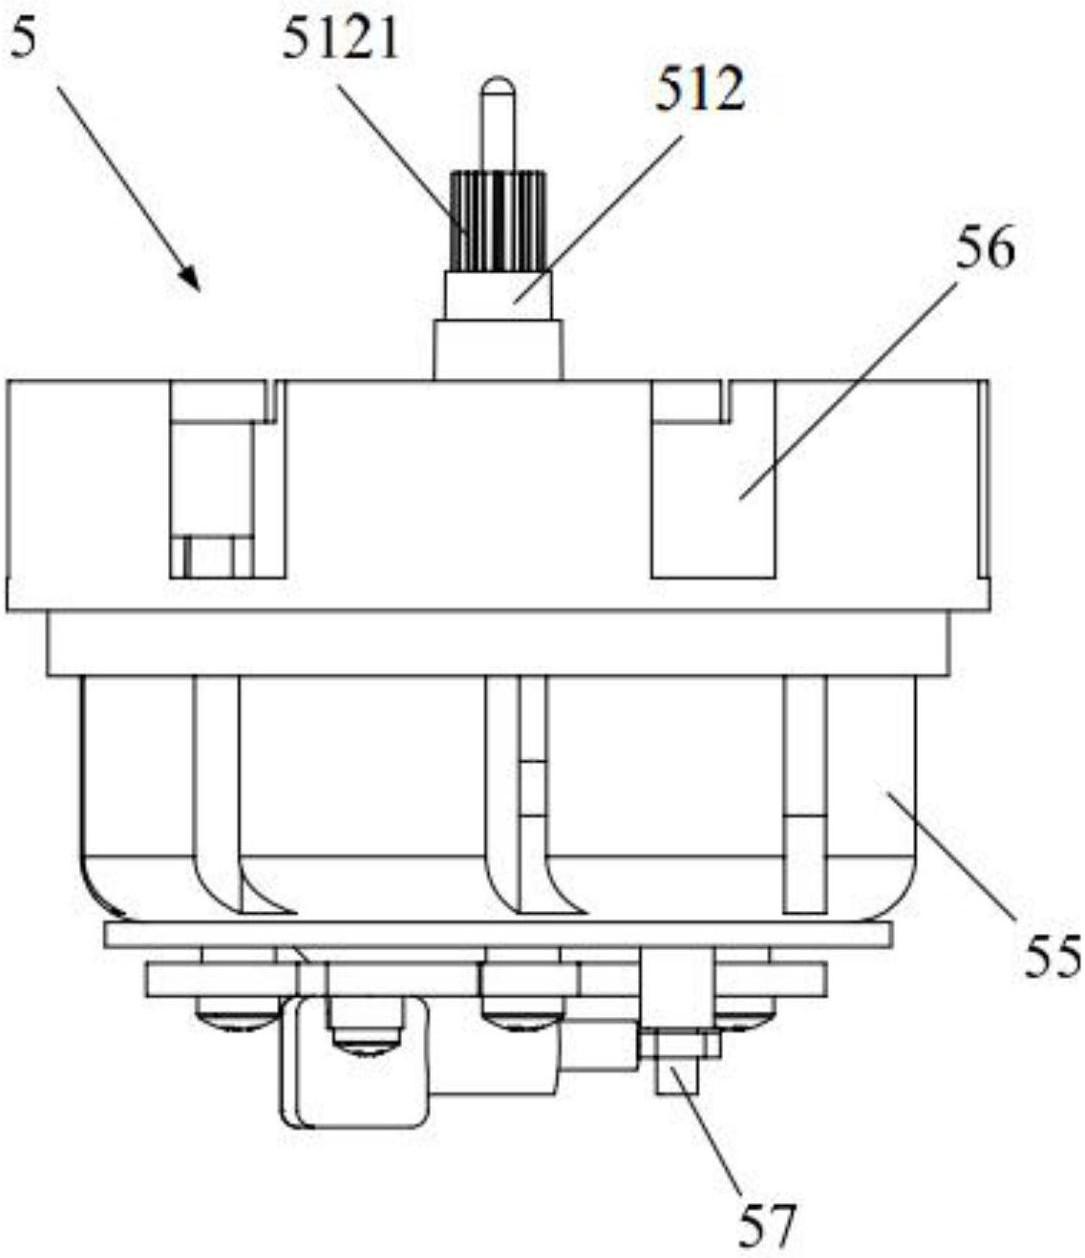 【儀表最新專利】一種計量器及設有該計量器的水表